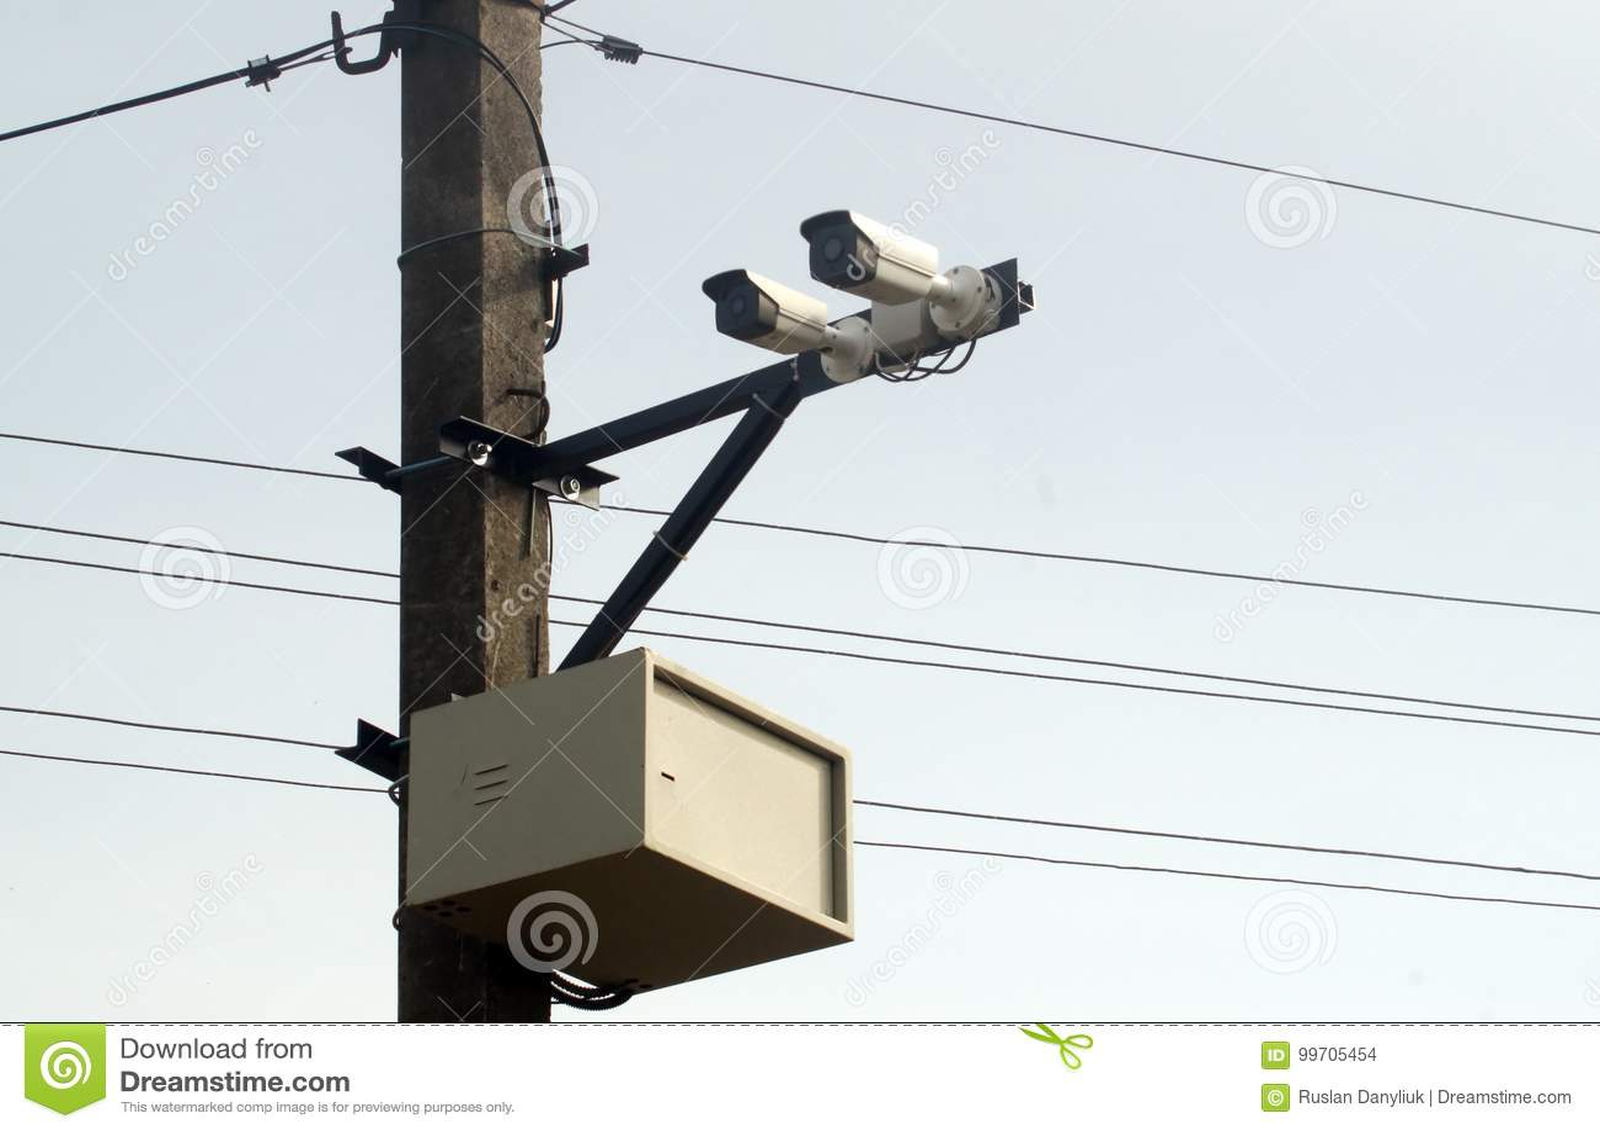 Camera surveillance on pillar near road for traffic monitoring.